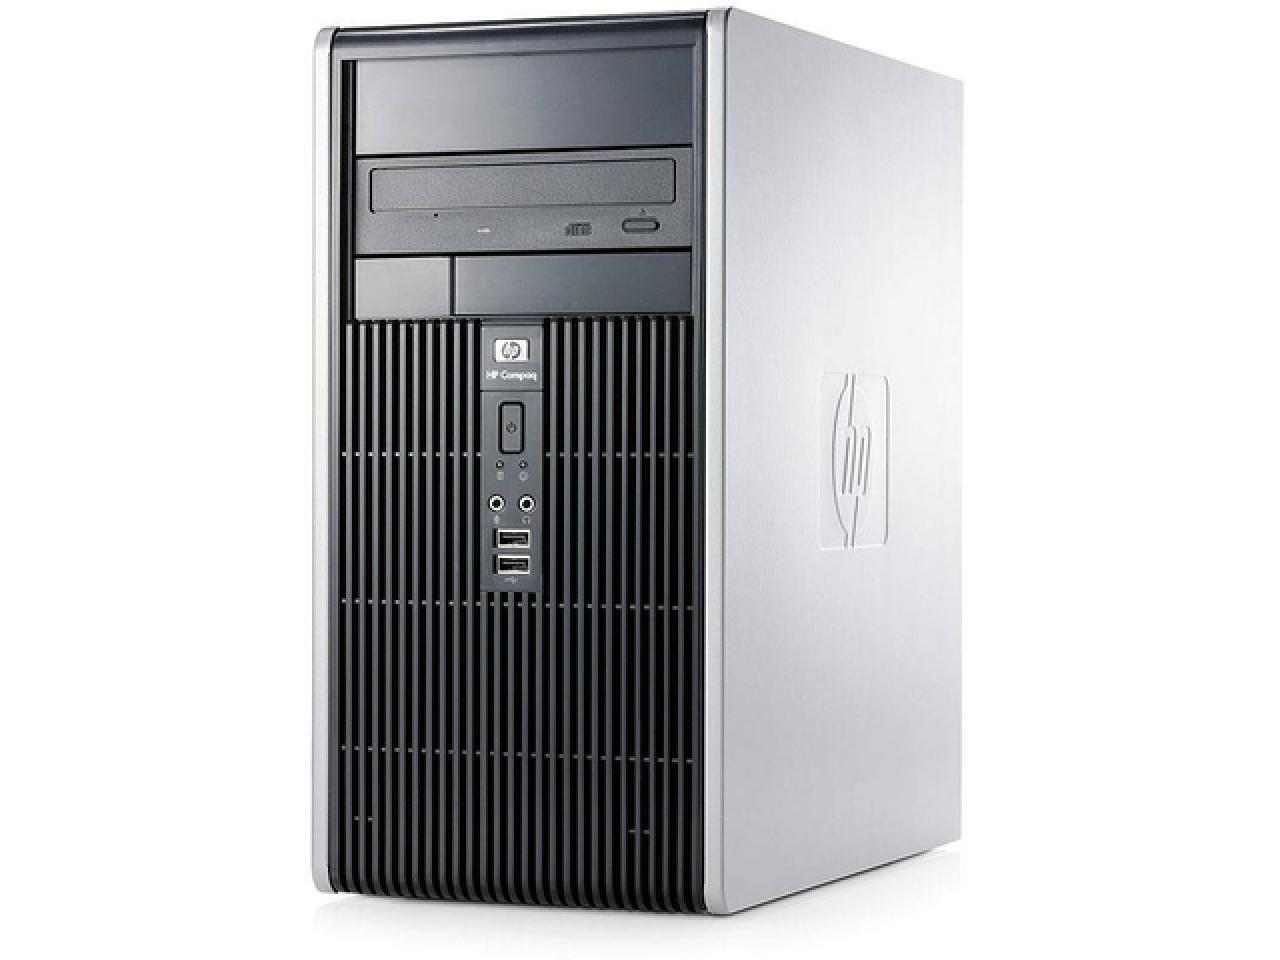 Hewlett Packard Pro 6200 MT  - shop.bb-net.de